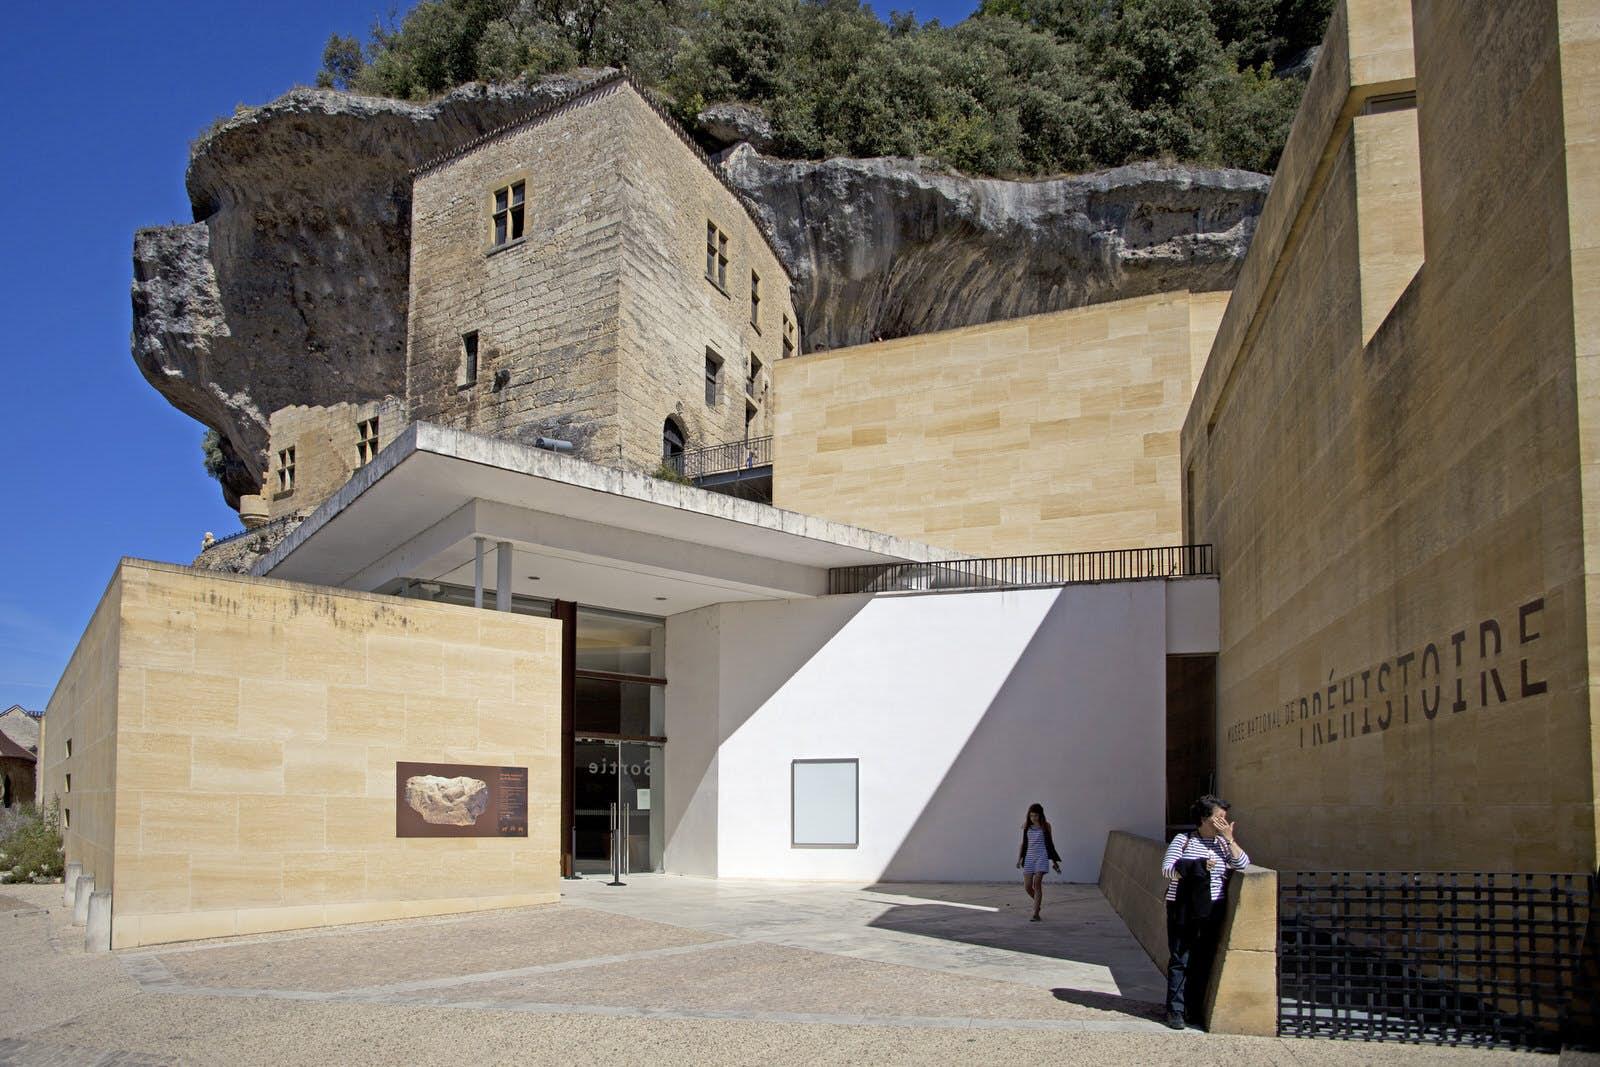 Musée National De Préhistoire Les Eyzies De Tayac Sireuil France Attractions Lonely Planet